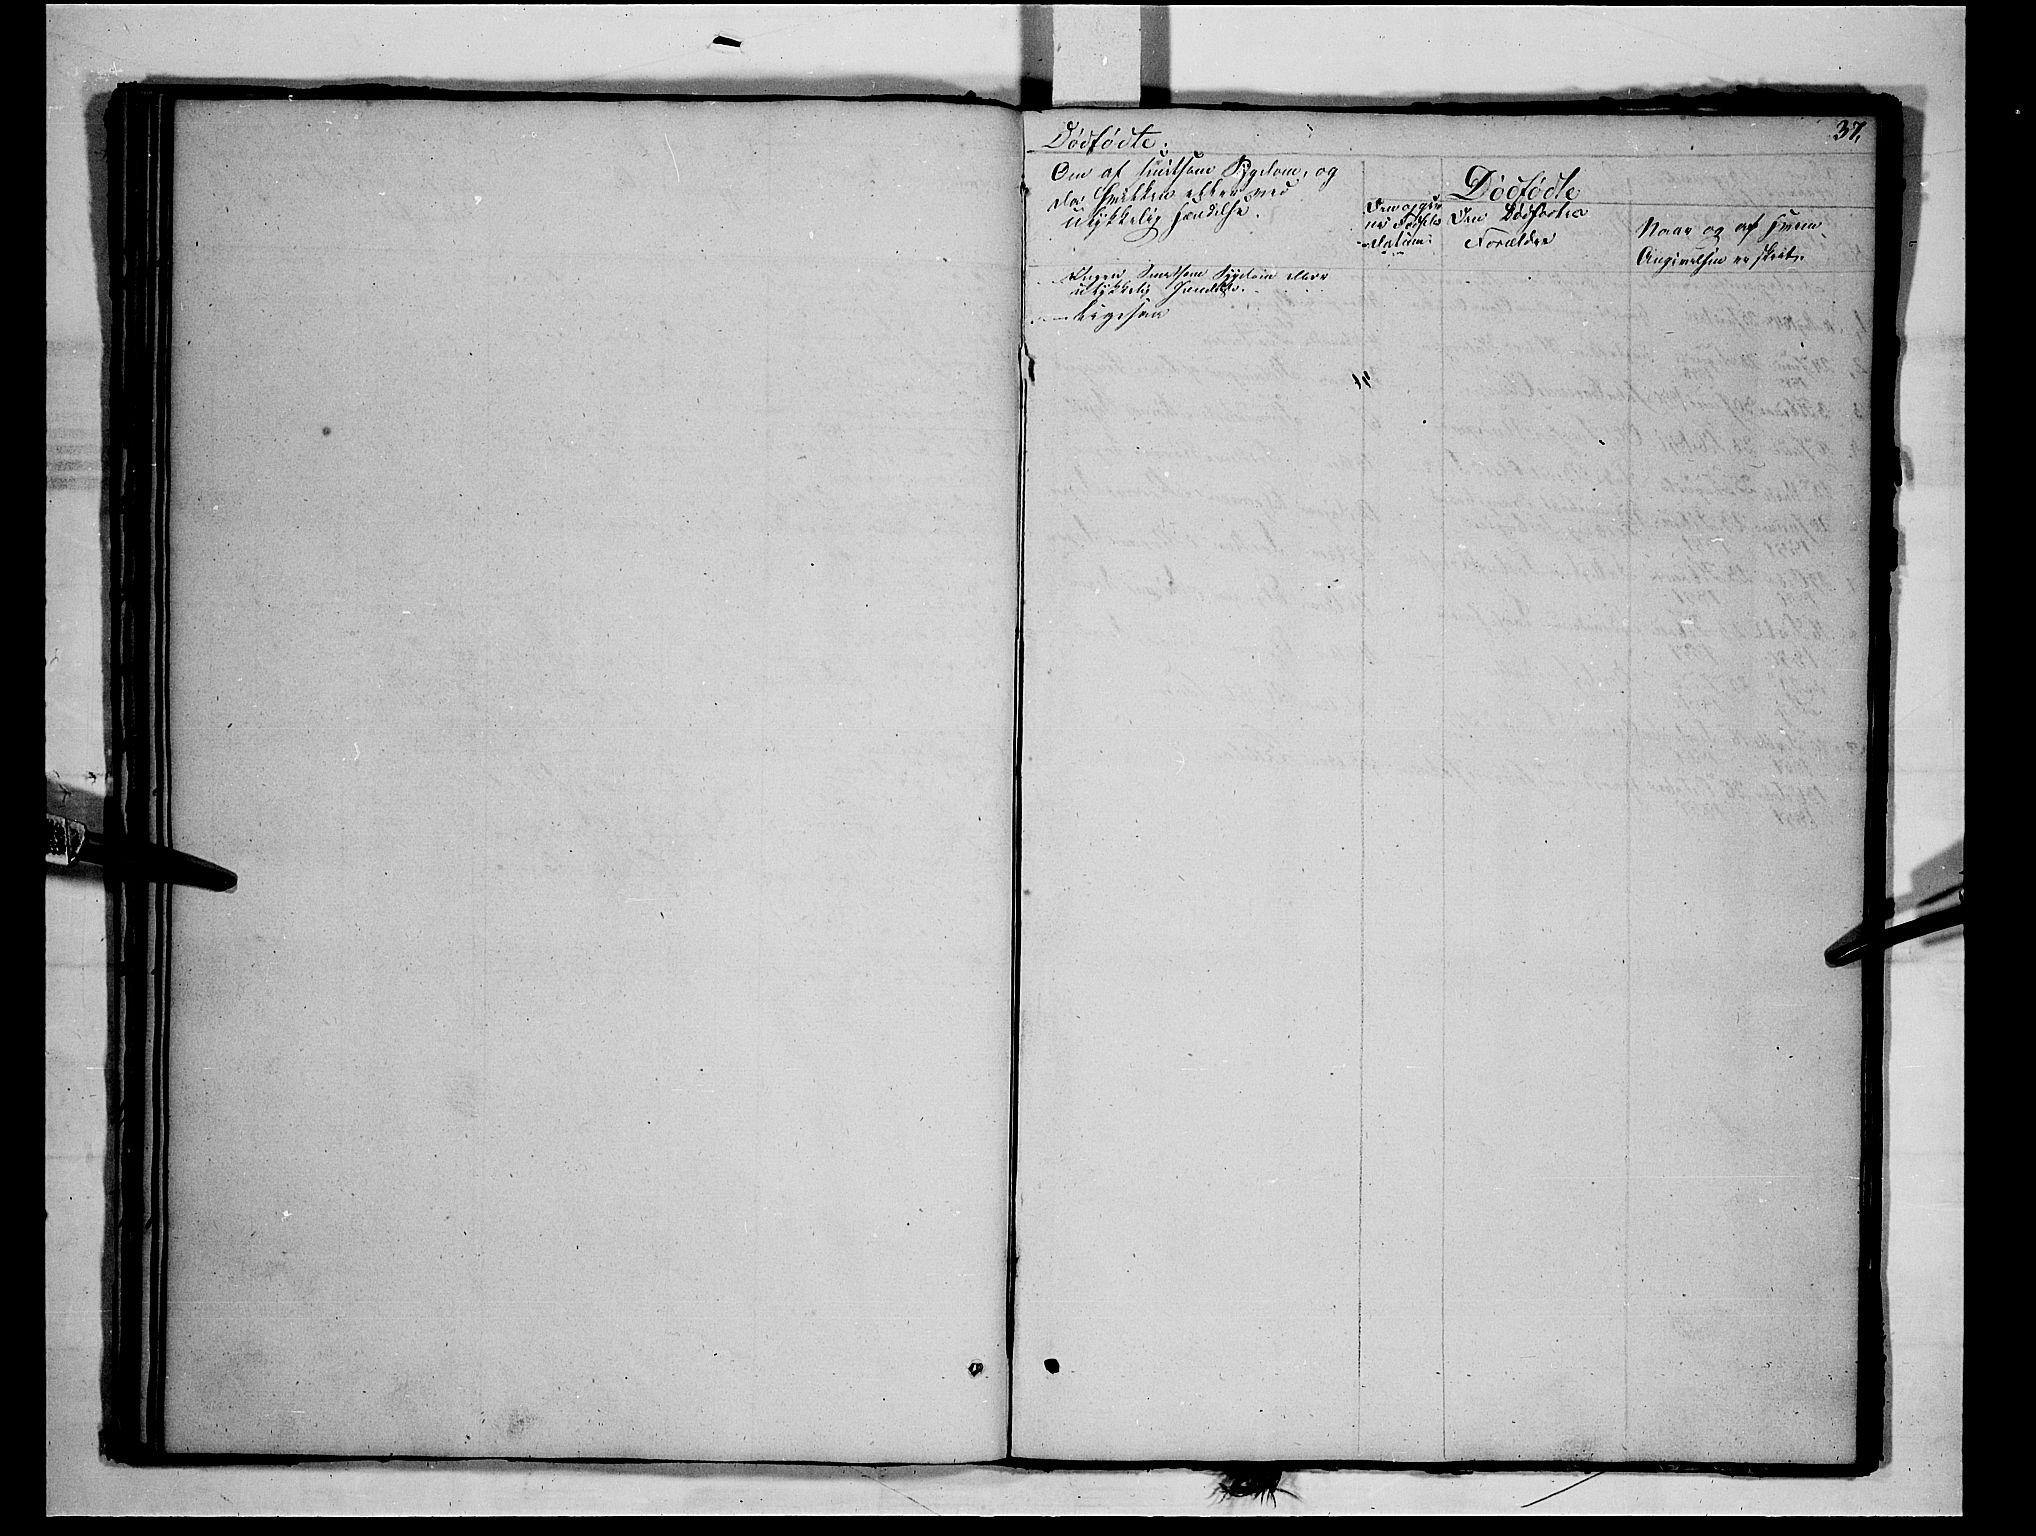 SAH, Rendalen prestekontor, H/Ha/Hab/L0001: Klokkerbok nr. 1, 1847-1857, s. 37